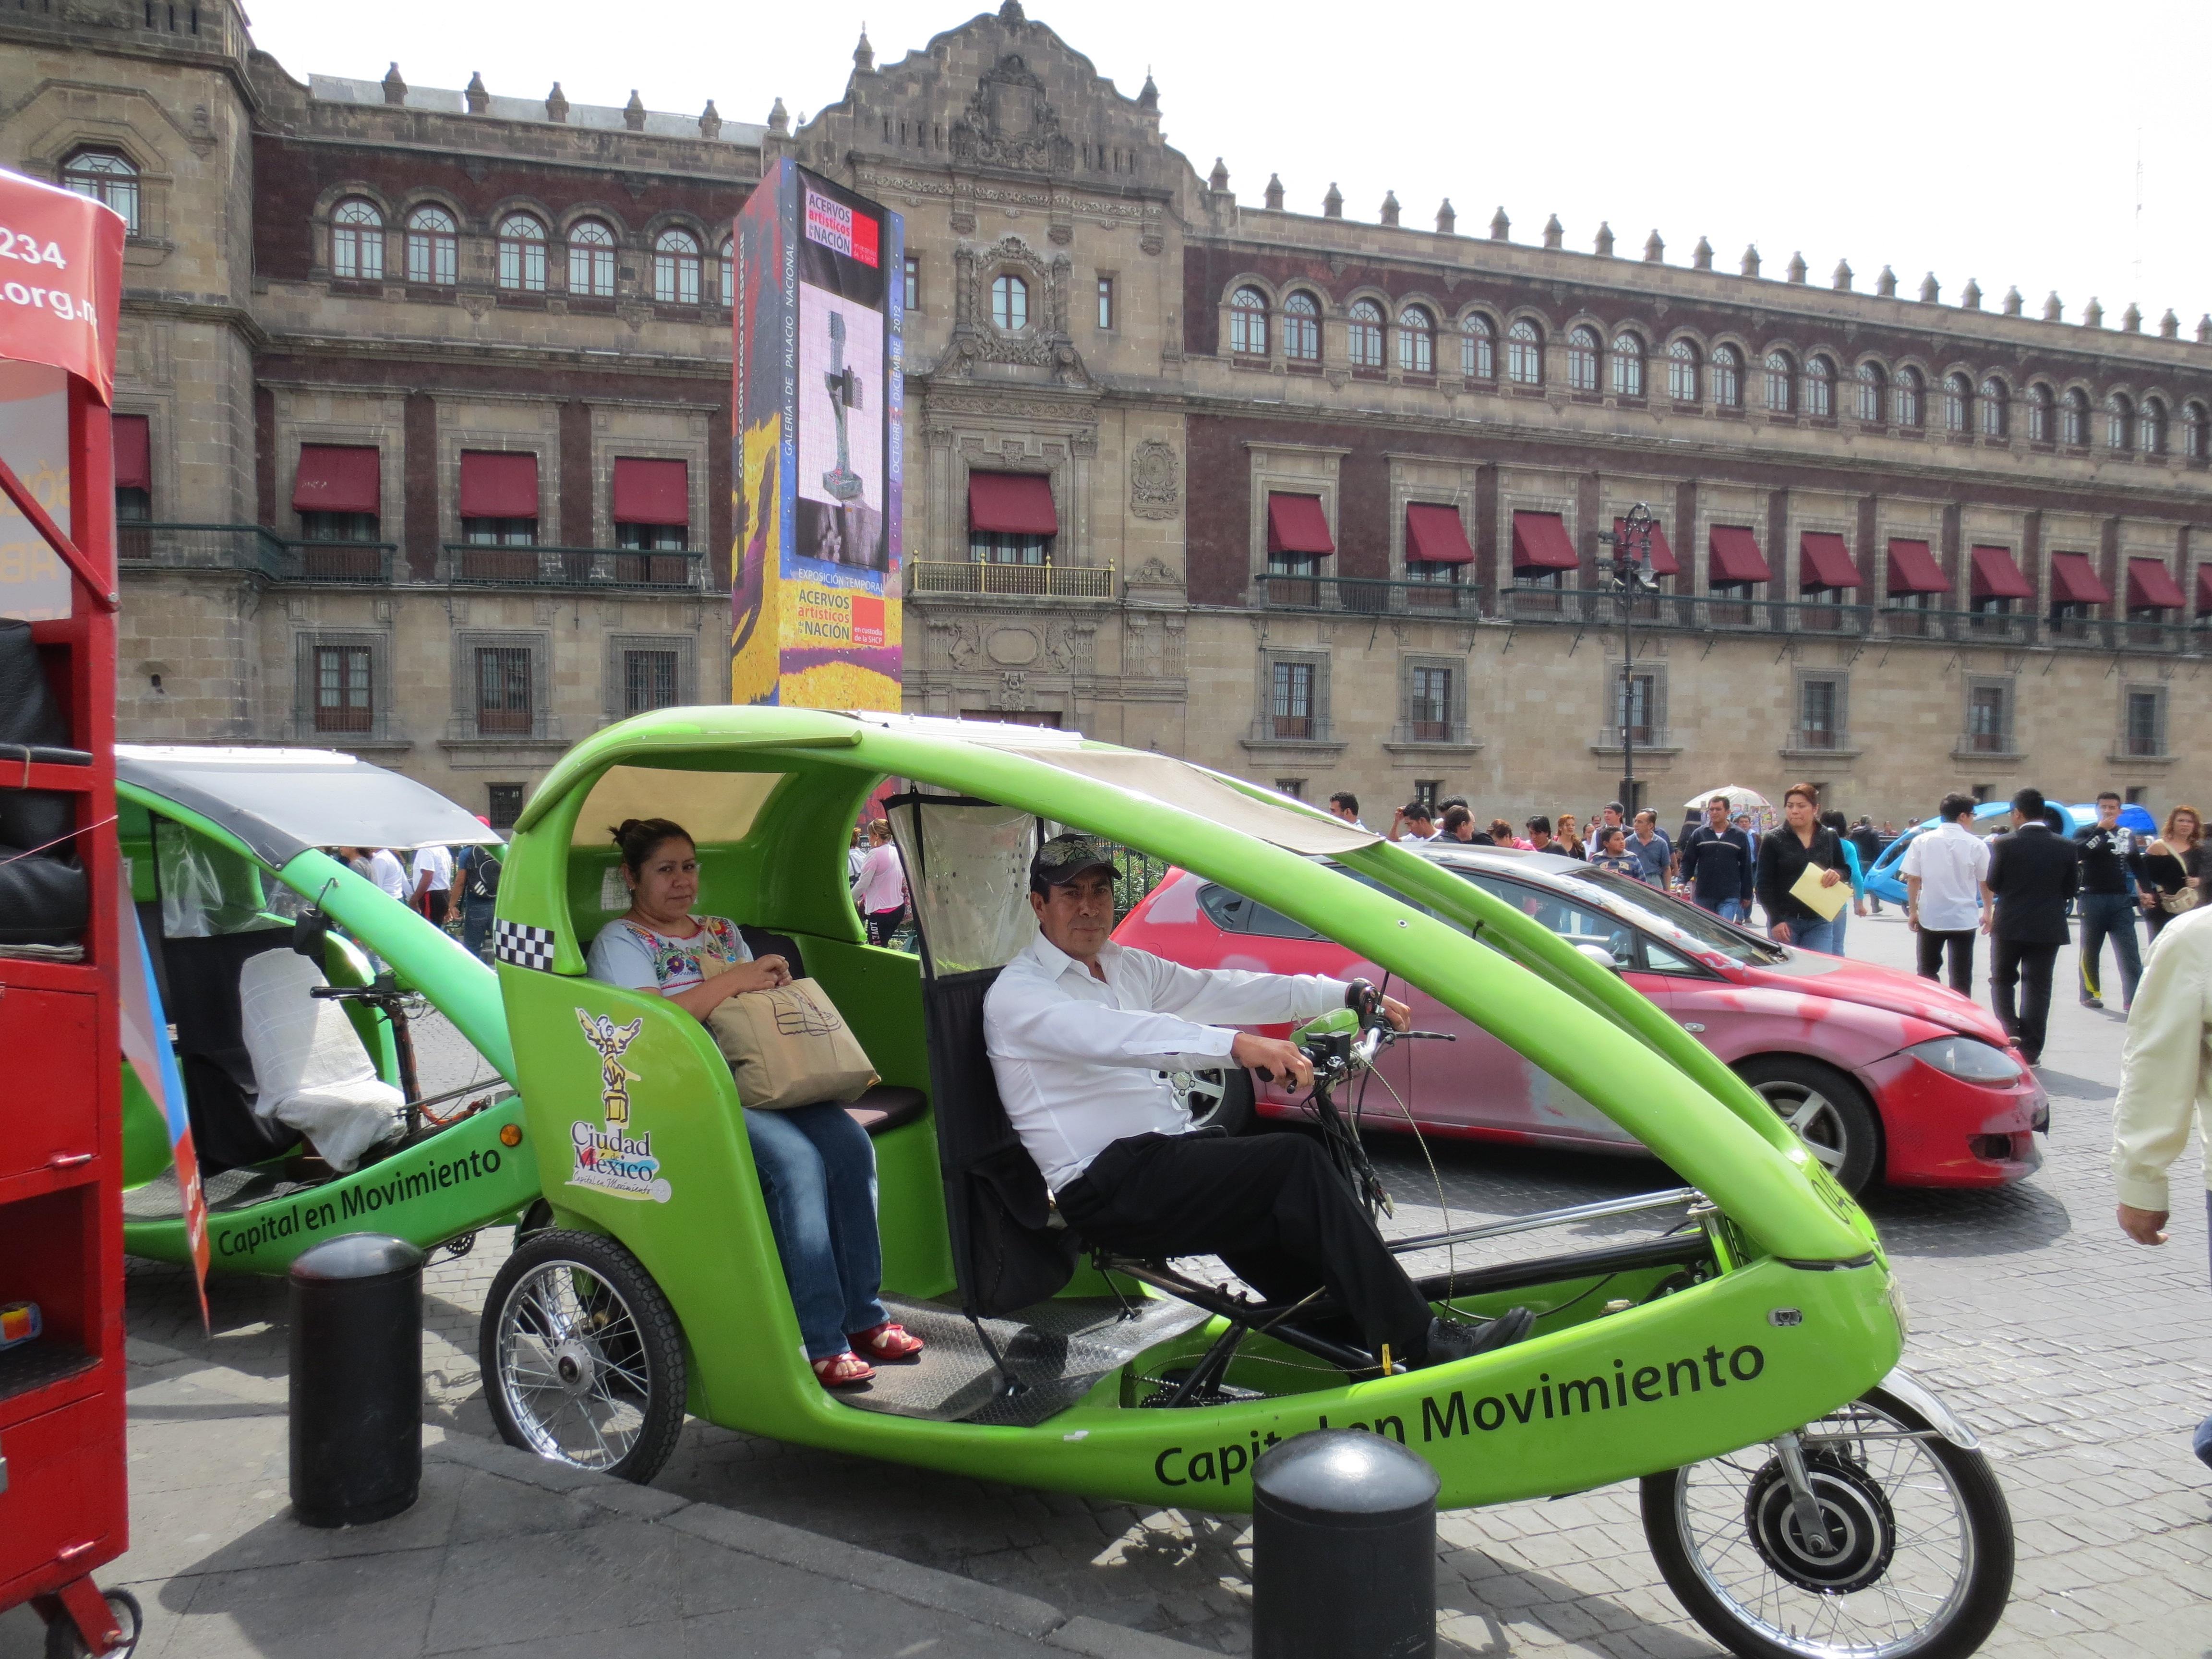 Además de no contaminar, los ciclotaxis son una buena opción de transporte porque avanzan más rápido que los taxis normales. Foto: María Luisa Arredondo/El Pasajero.